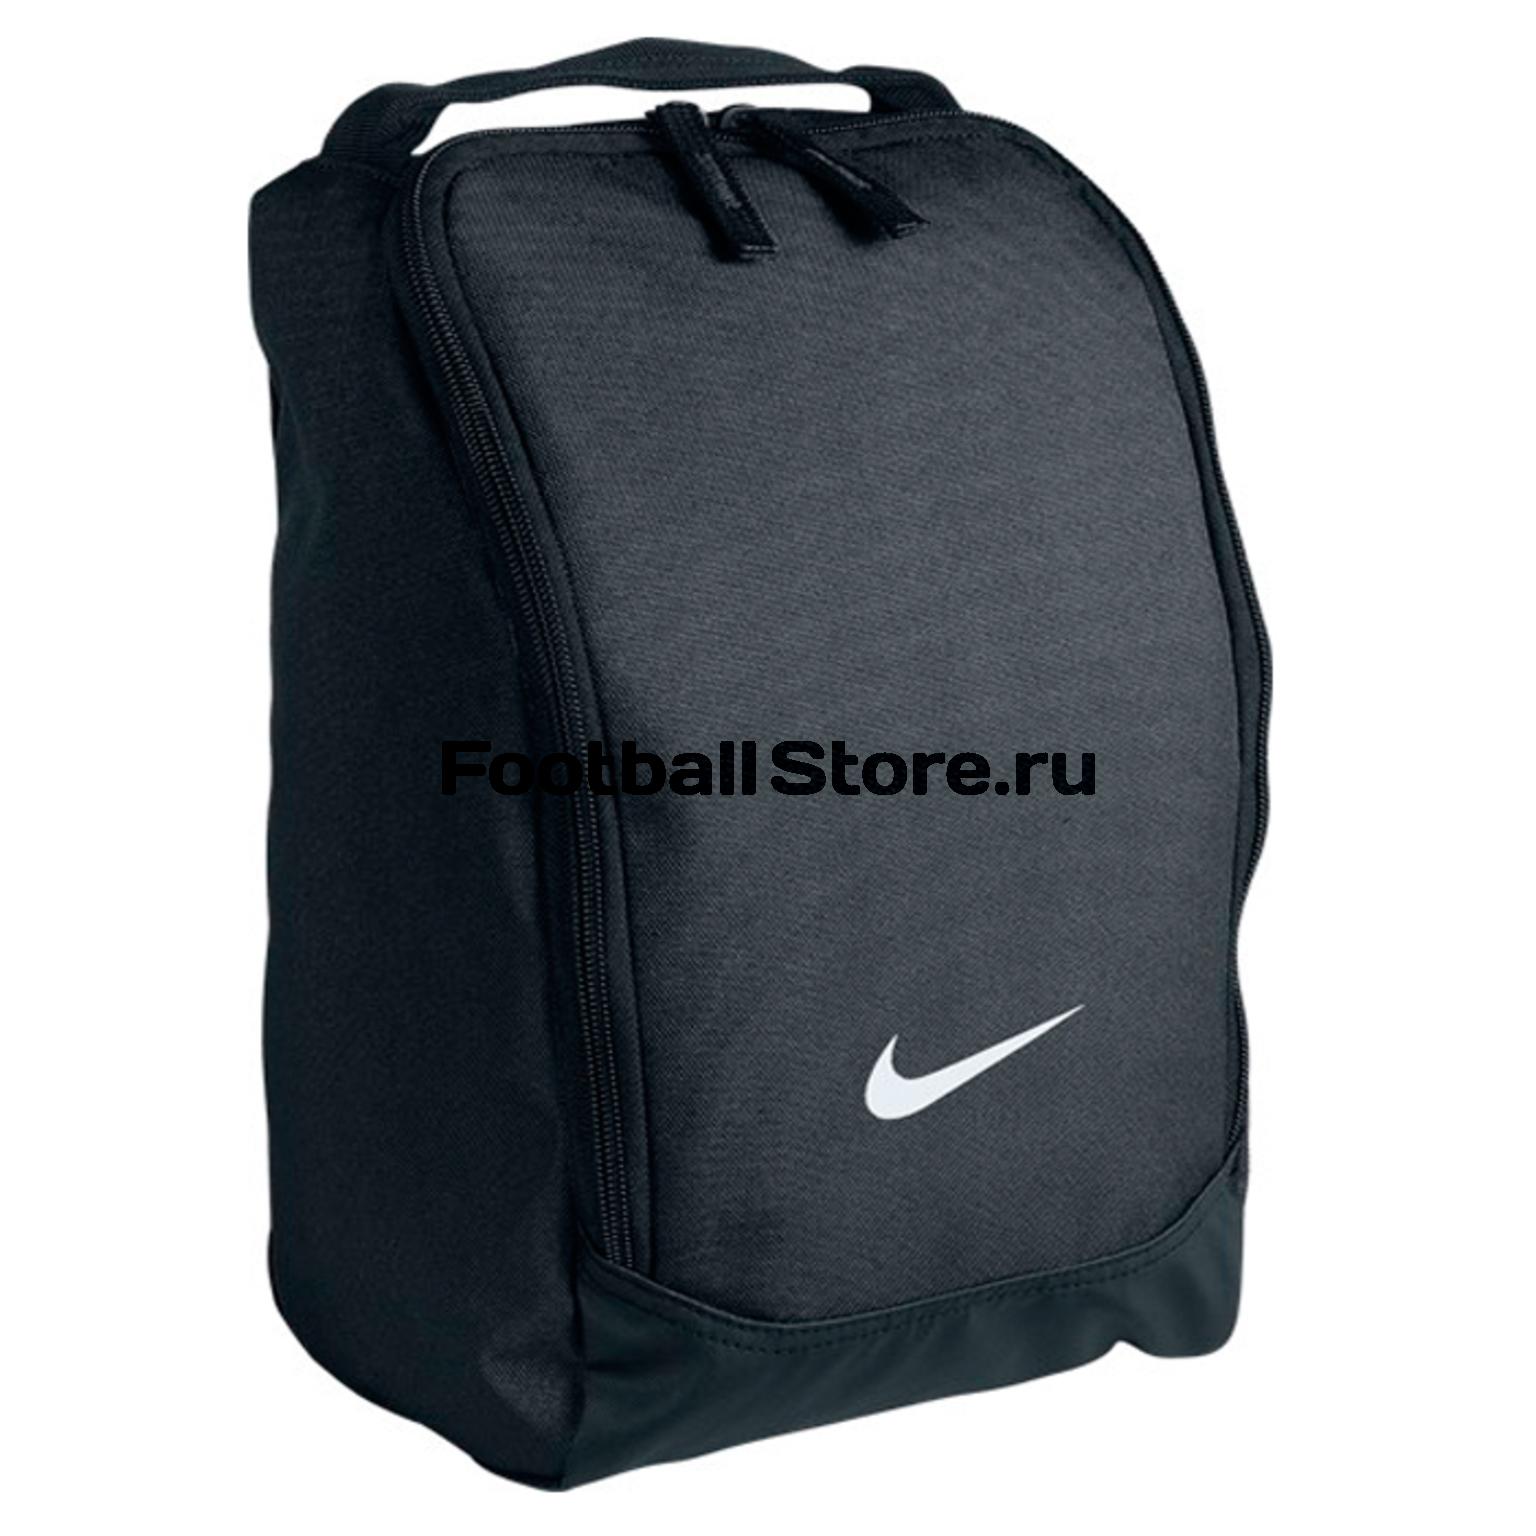 ac2aee27 Сумка для обуви Nike T90 shoebag – купить в интернет магазине  footballstore, цена, фото